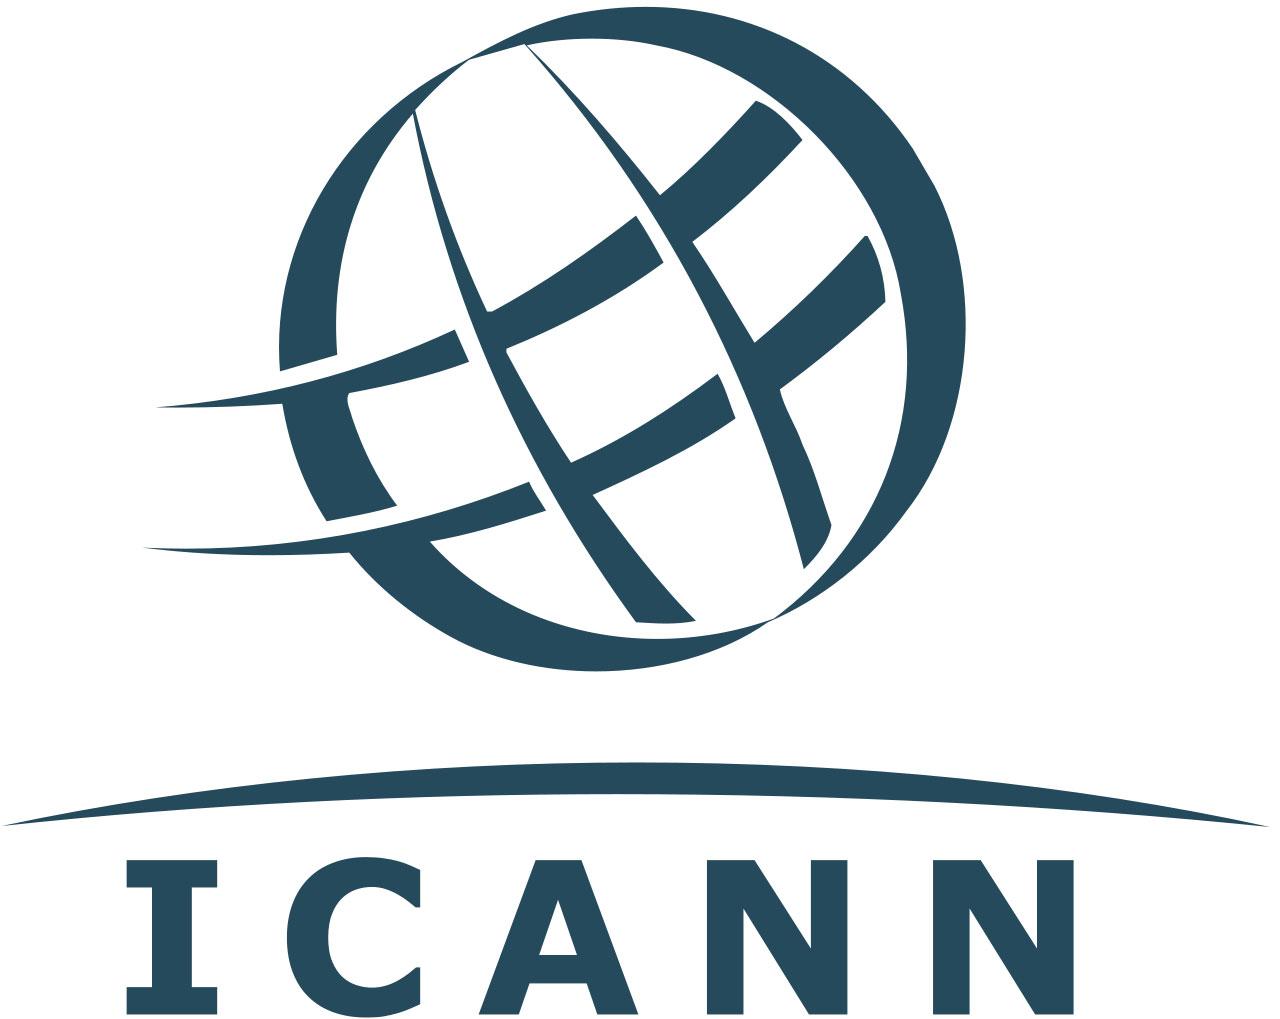 All'Icann il controllo di Internet